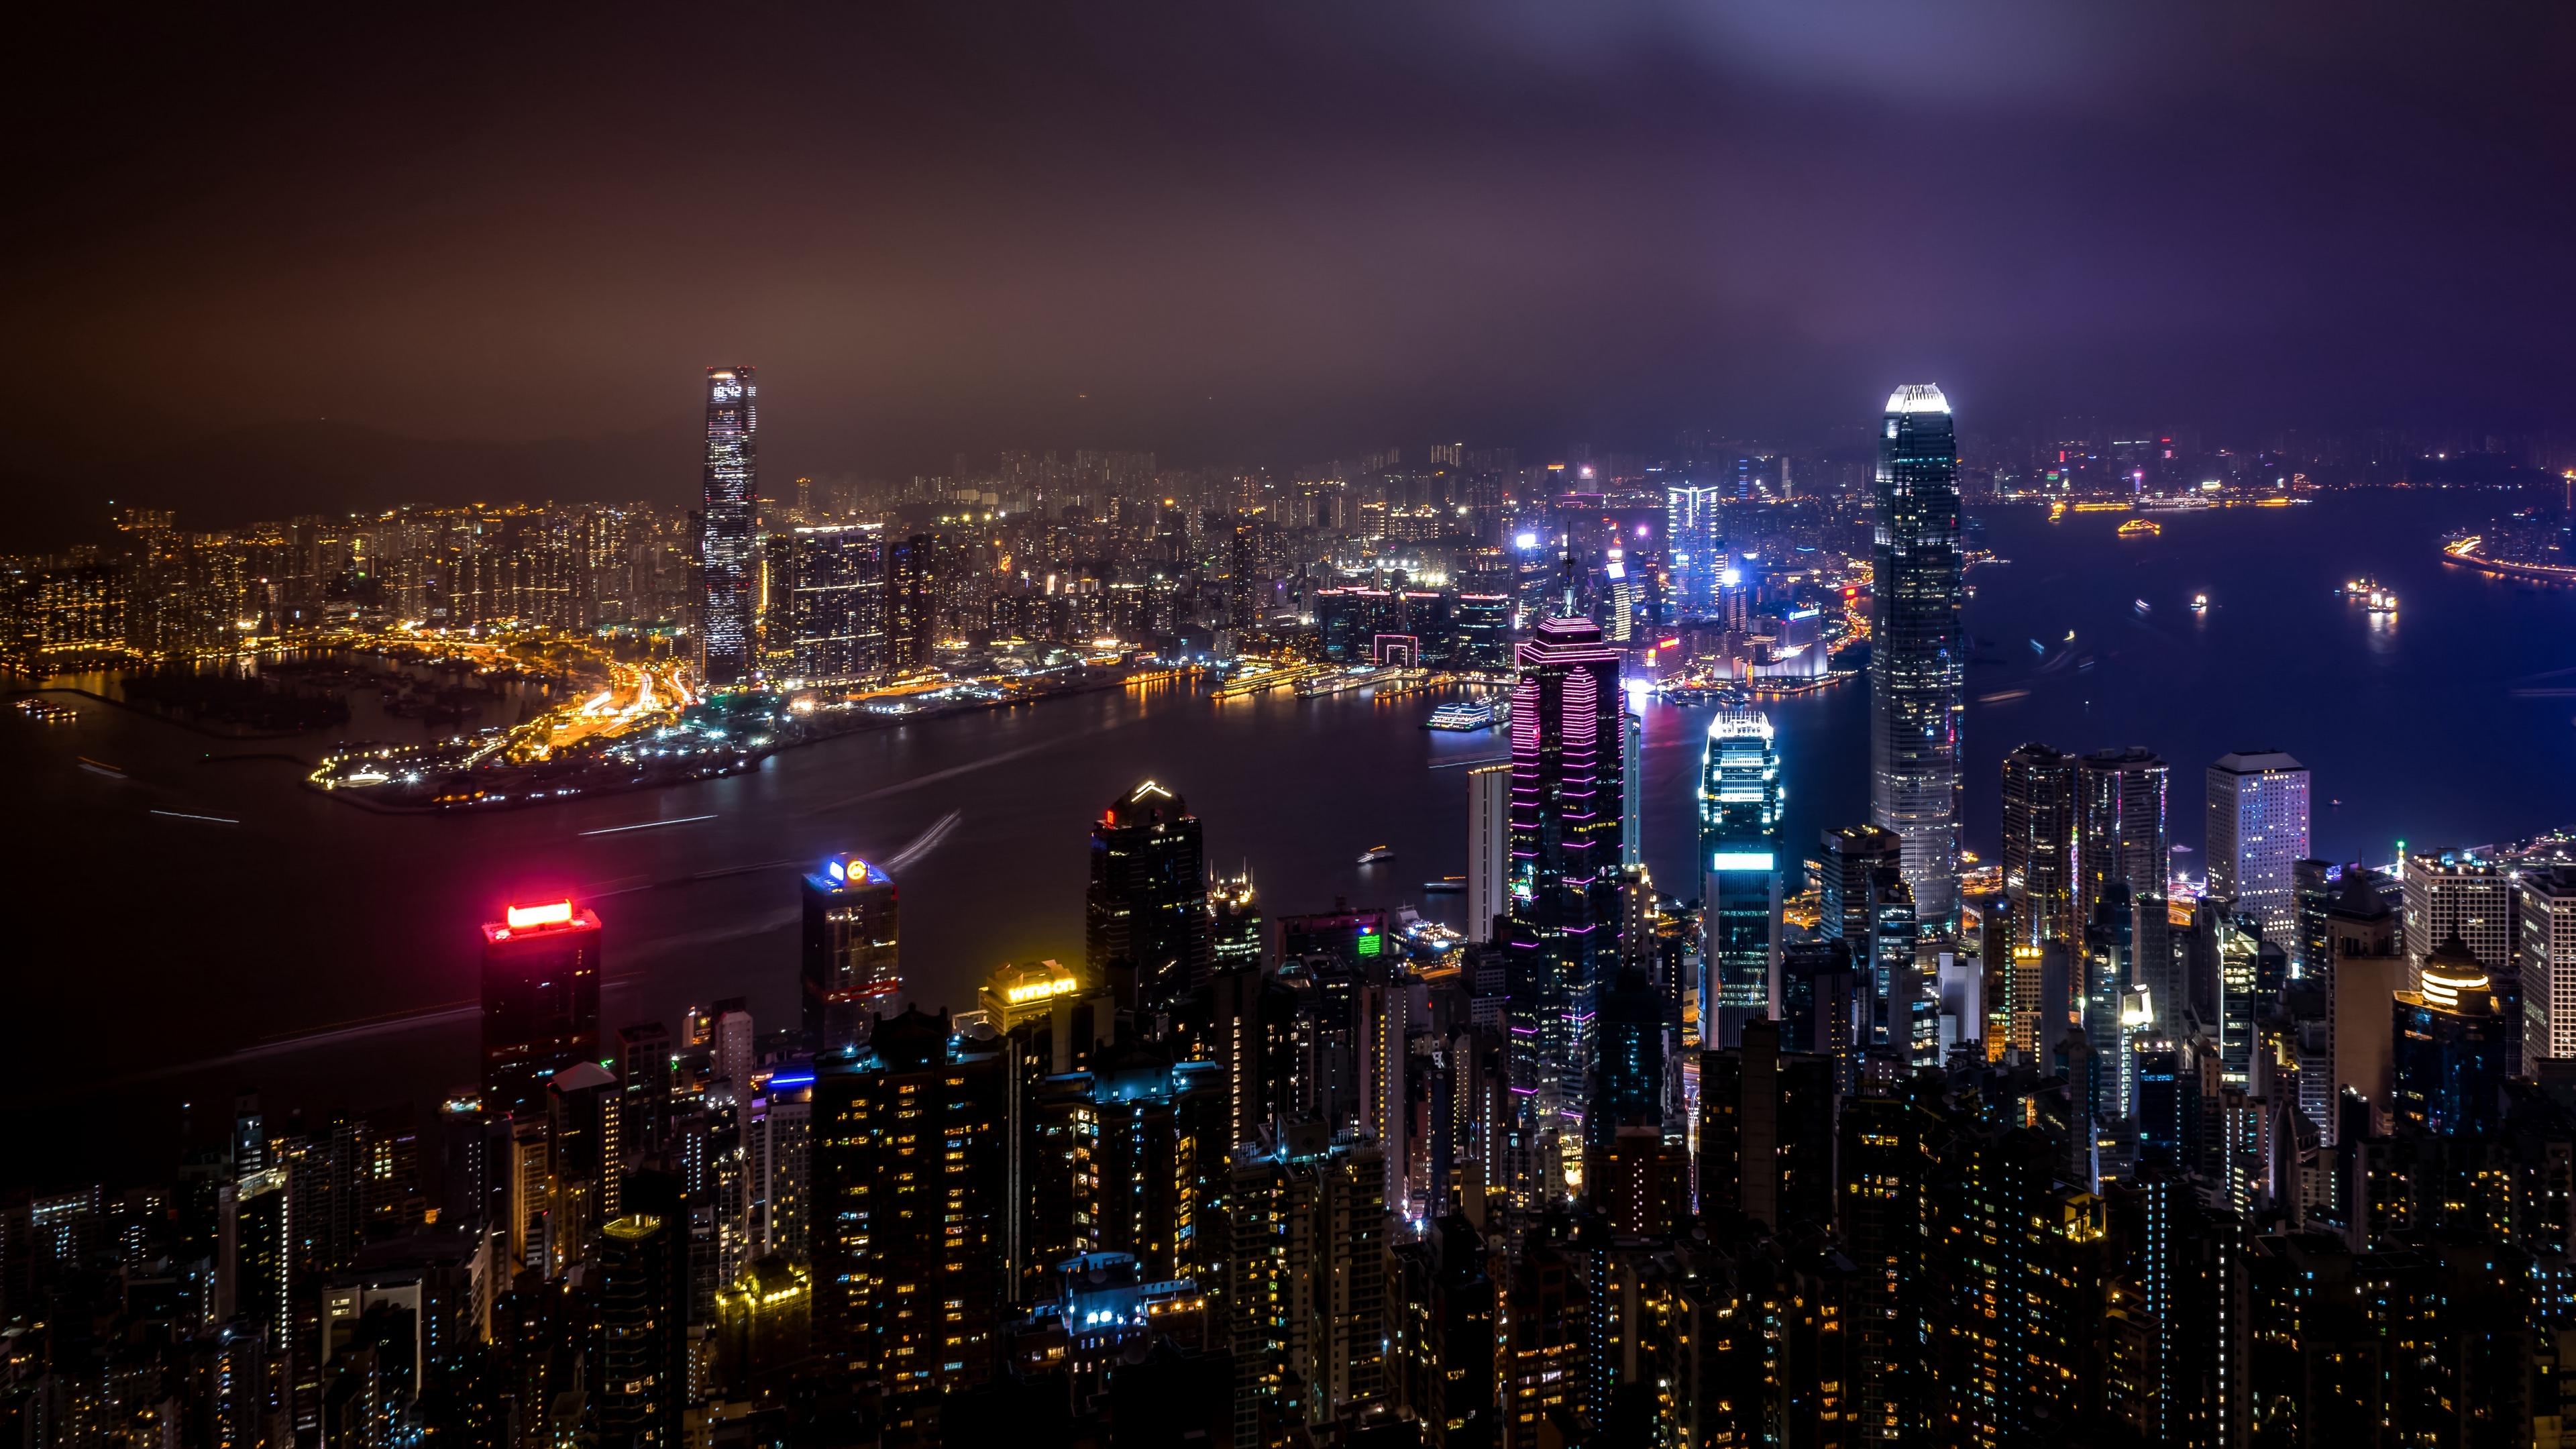 hong kong china skyscrapers night city city lights 4k 1538068866 - hong kong, china, skyscrapers, night city, city lights 4k - Skyscrapers, hong kong, China